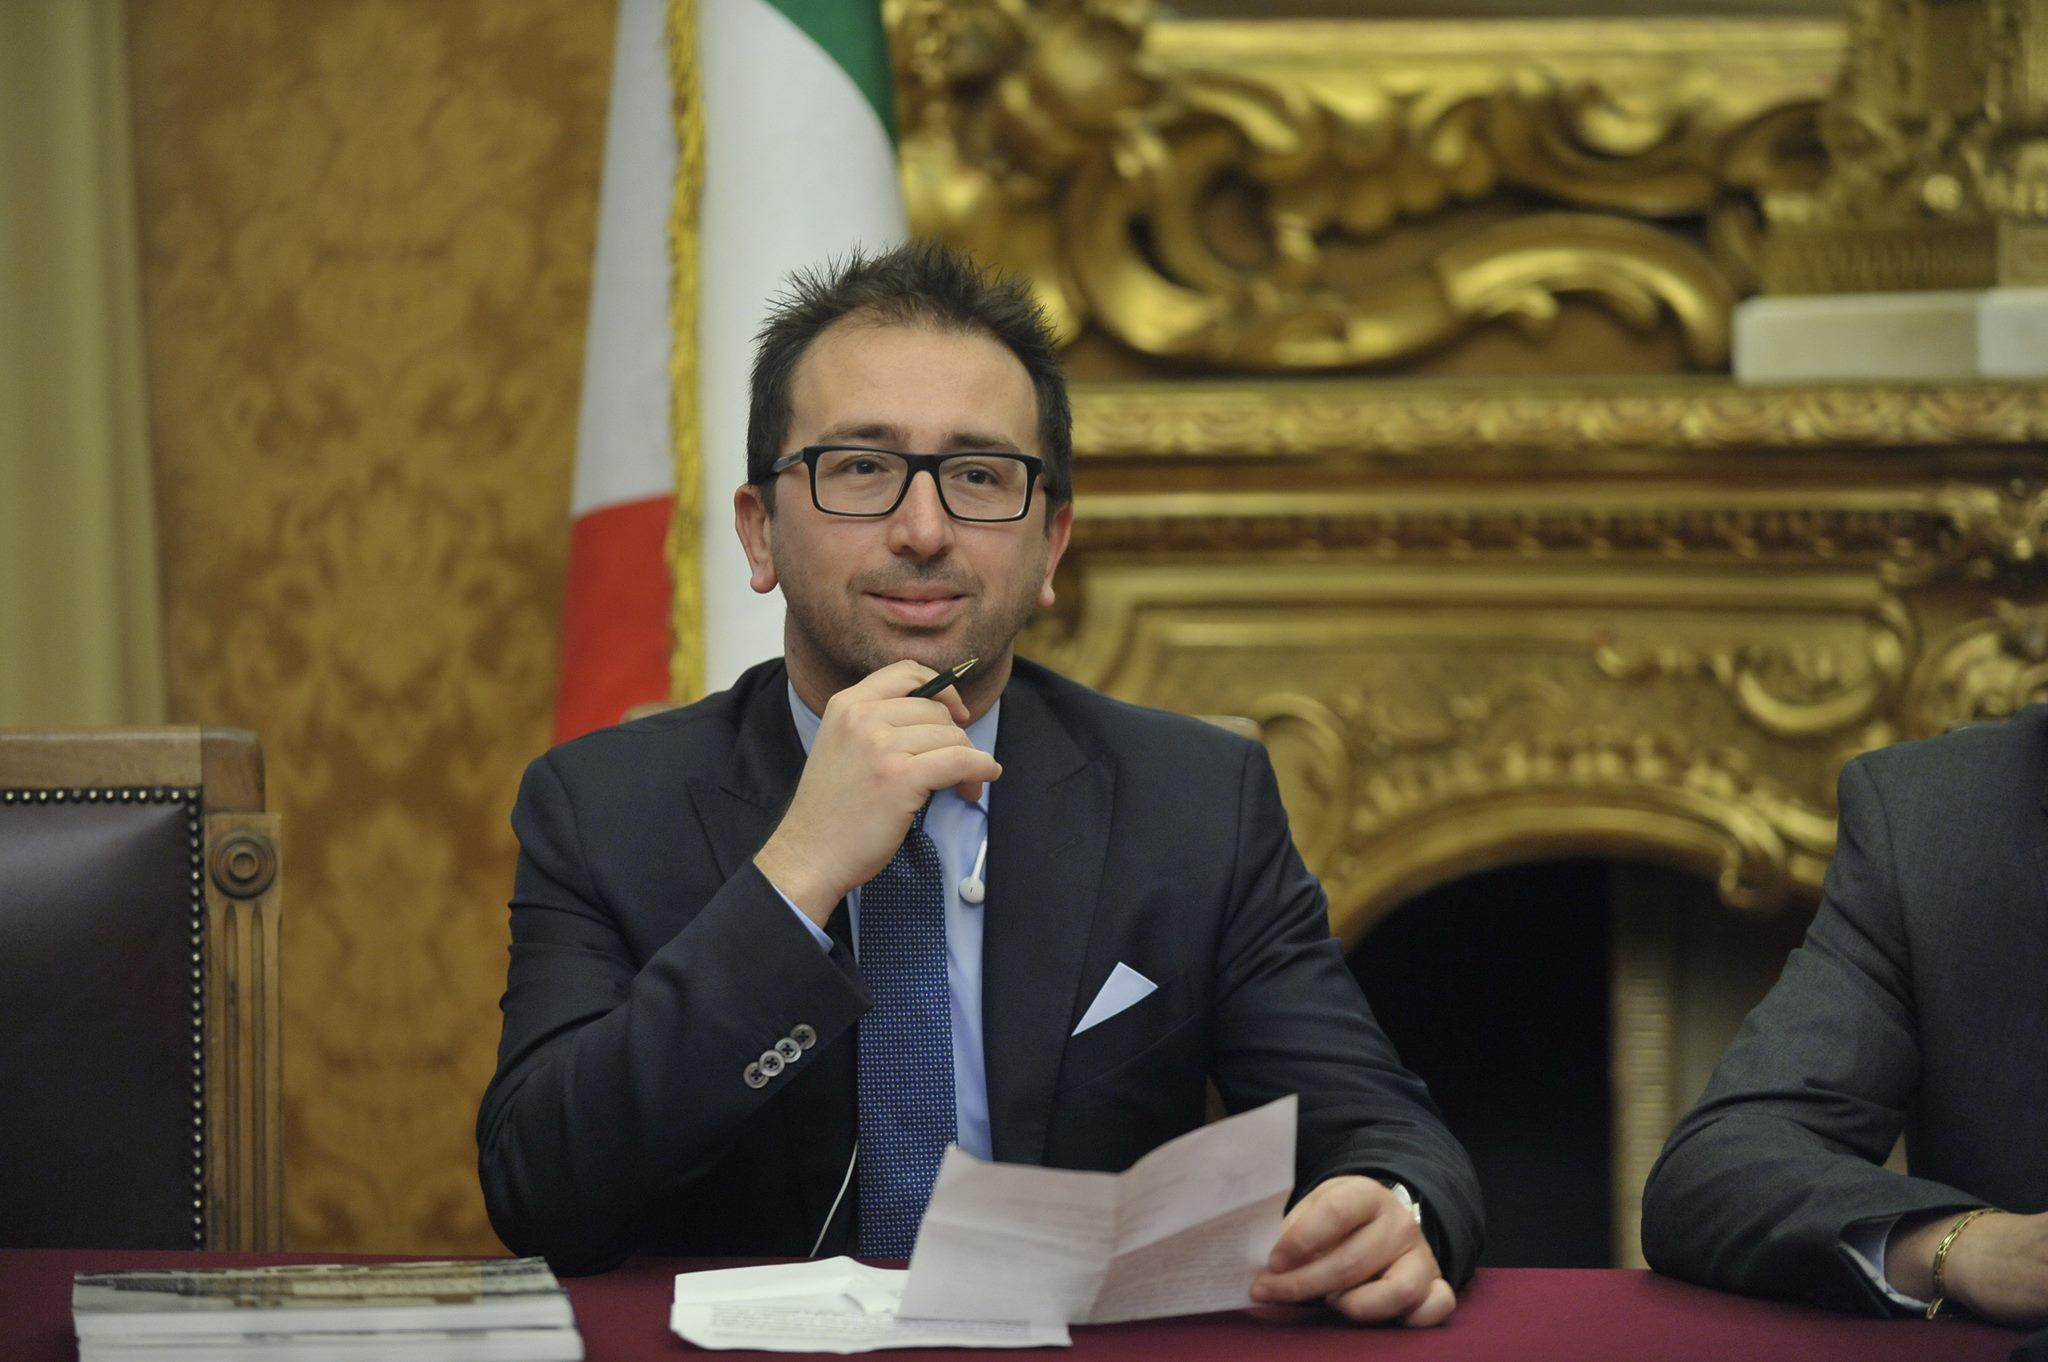 Governo M5S-Lega, il toto-ministri: 4 nomi per Palazzo Chigi